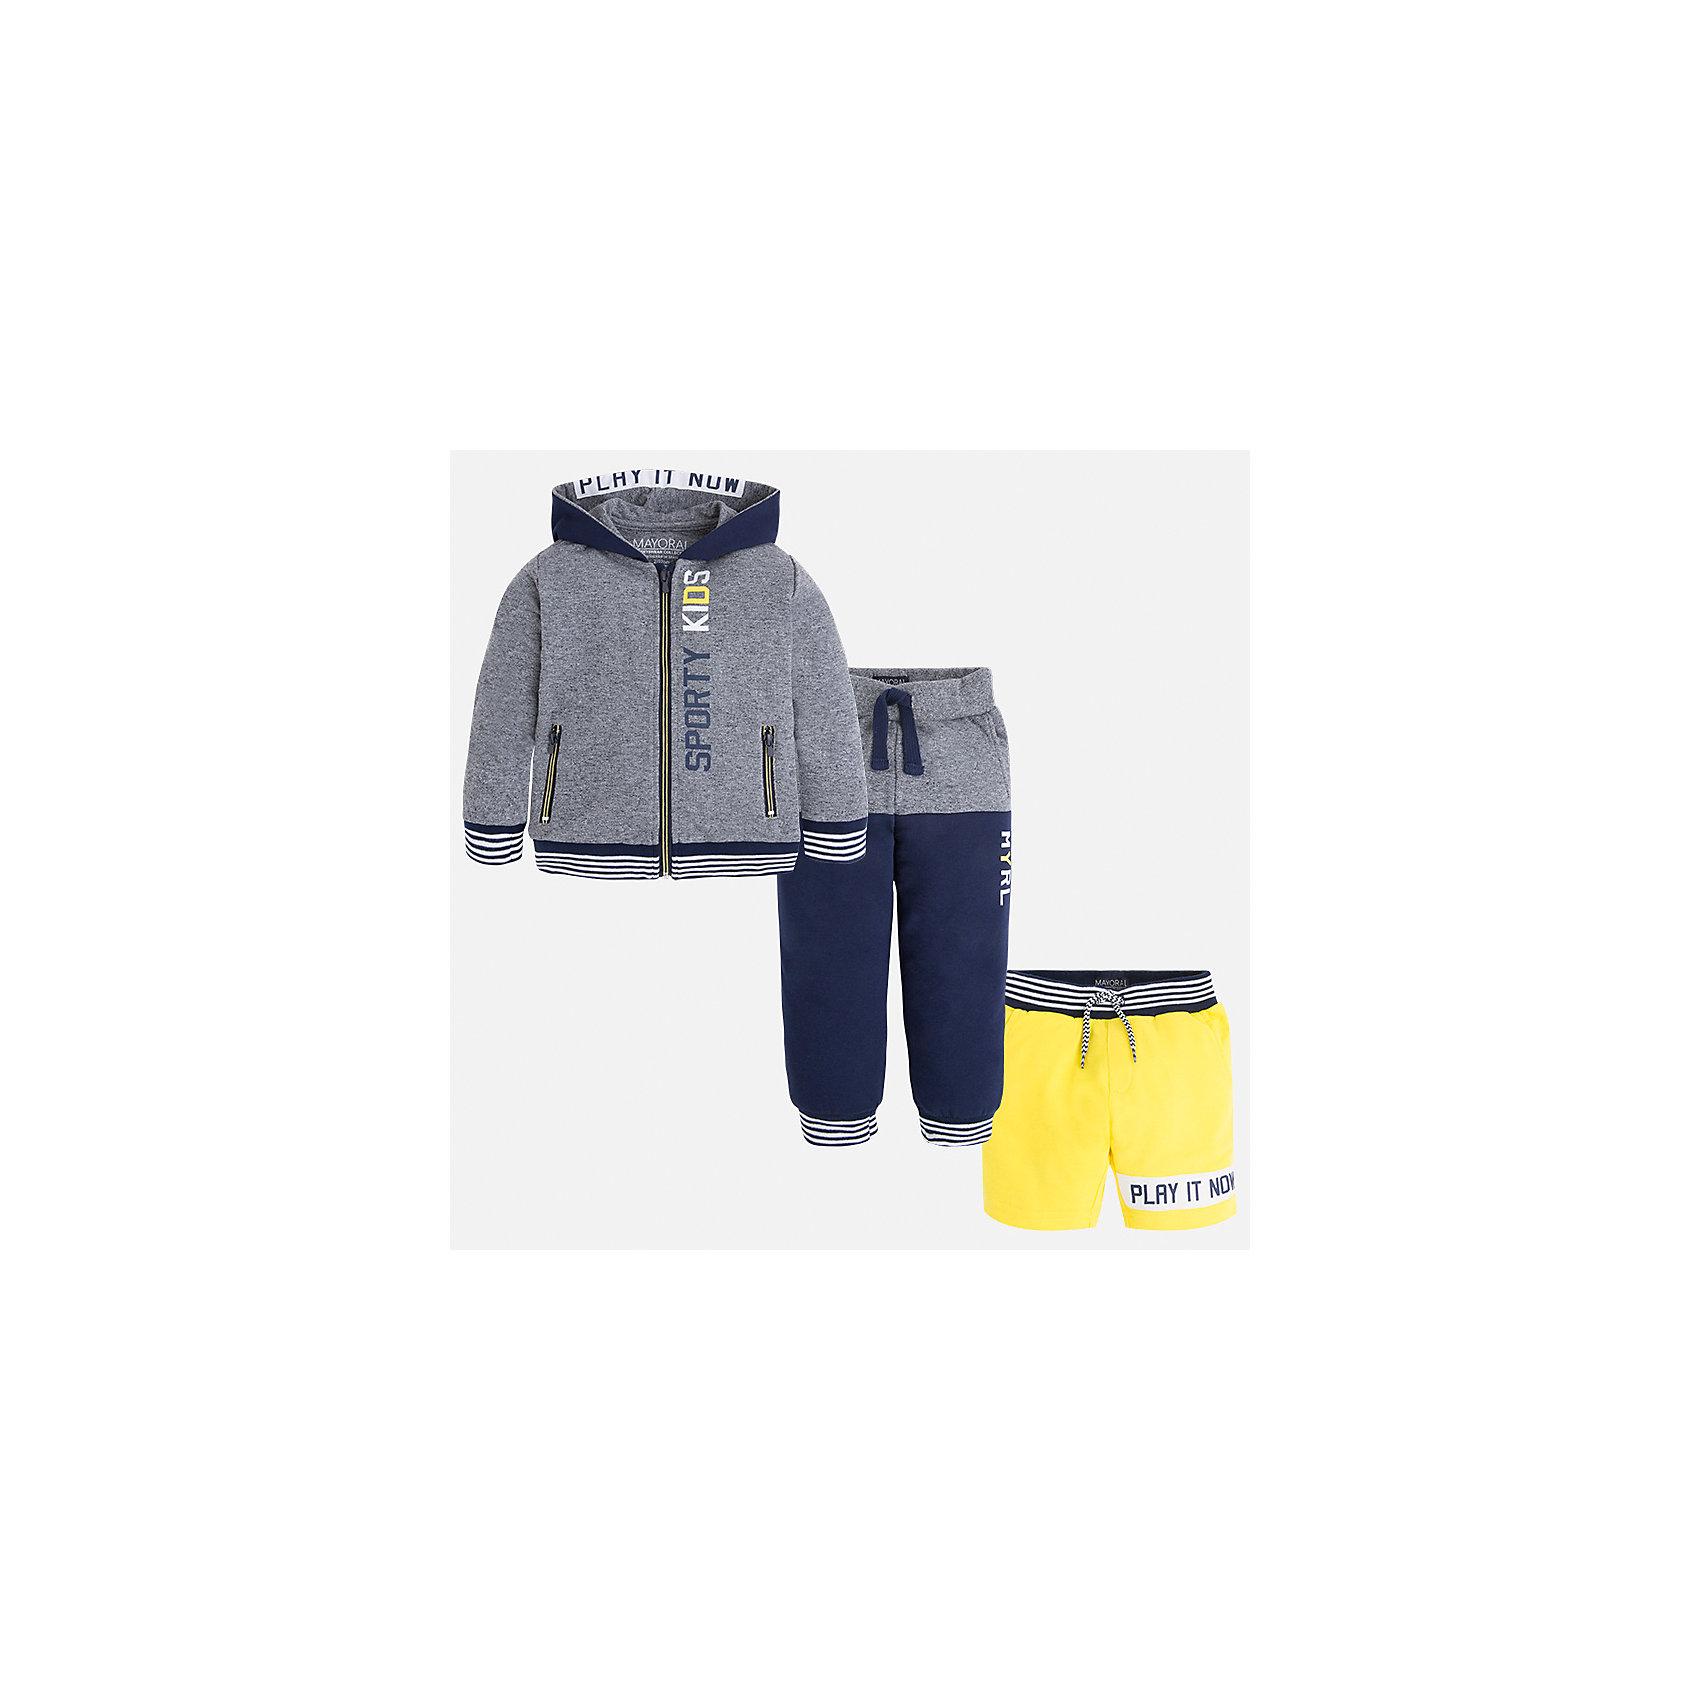 Спортивный костюм для мальчика MayoralСпортивная форма<br>Характеристики товара:<br><br>• цвет: серый/синий/желтый<br>• состав: 60% хлопок, 40% полиэстер<br>• комплектация: курточка, штаны, шорты<br>• декорирован принтом<br>• карманы<br>• капюшон<br>• штаны, шорты - пояс на шнурке<br>• манжеты<br>• страна бренда: Испания<br><br>Стильный качественный спортивный костюм для мальчика поможет разнообразить гардероб ребенка и удобно одеться. Курточка, шорты и штаны отлично сочетаются с другими предметами. Универсальный цвет позволяет подобрать к вещам верхнюю одежду практически любой расцветки. Интересная отделка модели делает её нарядной и оригинальной. В составе материала - натуральный хлопок, гипоаллергенный, приятный на ощупь, дышащий.<br><br>Одежда, обувь и аксессуары от испанского бренда Mayoral полюбились детям и взрослым по всему миру. Модели этой марки - стильные и удобные. Для их производства используются только безопасные, качественные материалы и фурнитура. Порадуйте ребенка модными и красивыми вещами от Mayoral! <br><br>Спортивный костюм для мальчика от испанского бренда Mayoral (Майорал) можно купить в нашем интернет-магазине.<br><br>Ширина мм: 247<br>Глубина мм: 16<br>Высота мм: 140<br>Вес г: 225<br>Цвет: серый<br>Возраст от месяцев: 18<br>Возраст до месяцев: 24<br>Пол: Мужской<br>Возраст: Детский<br>Размер: 134,128,116,110,104,98,92,122<br>SKU: 5281198